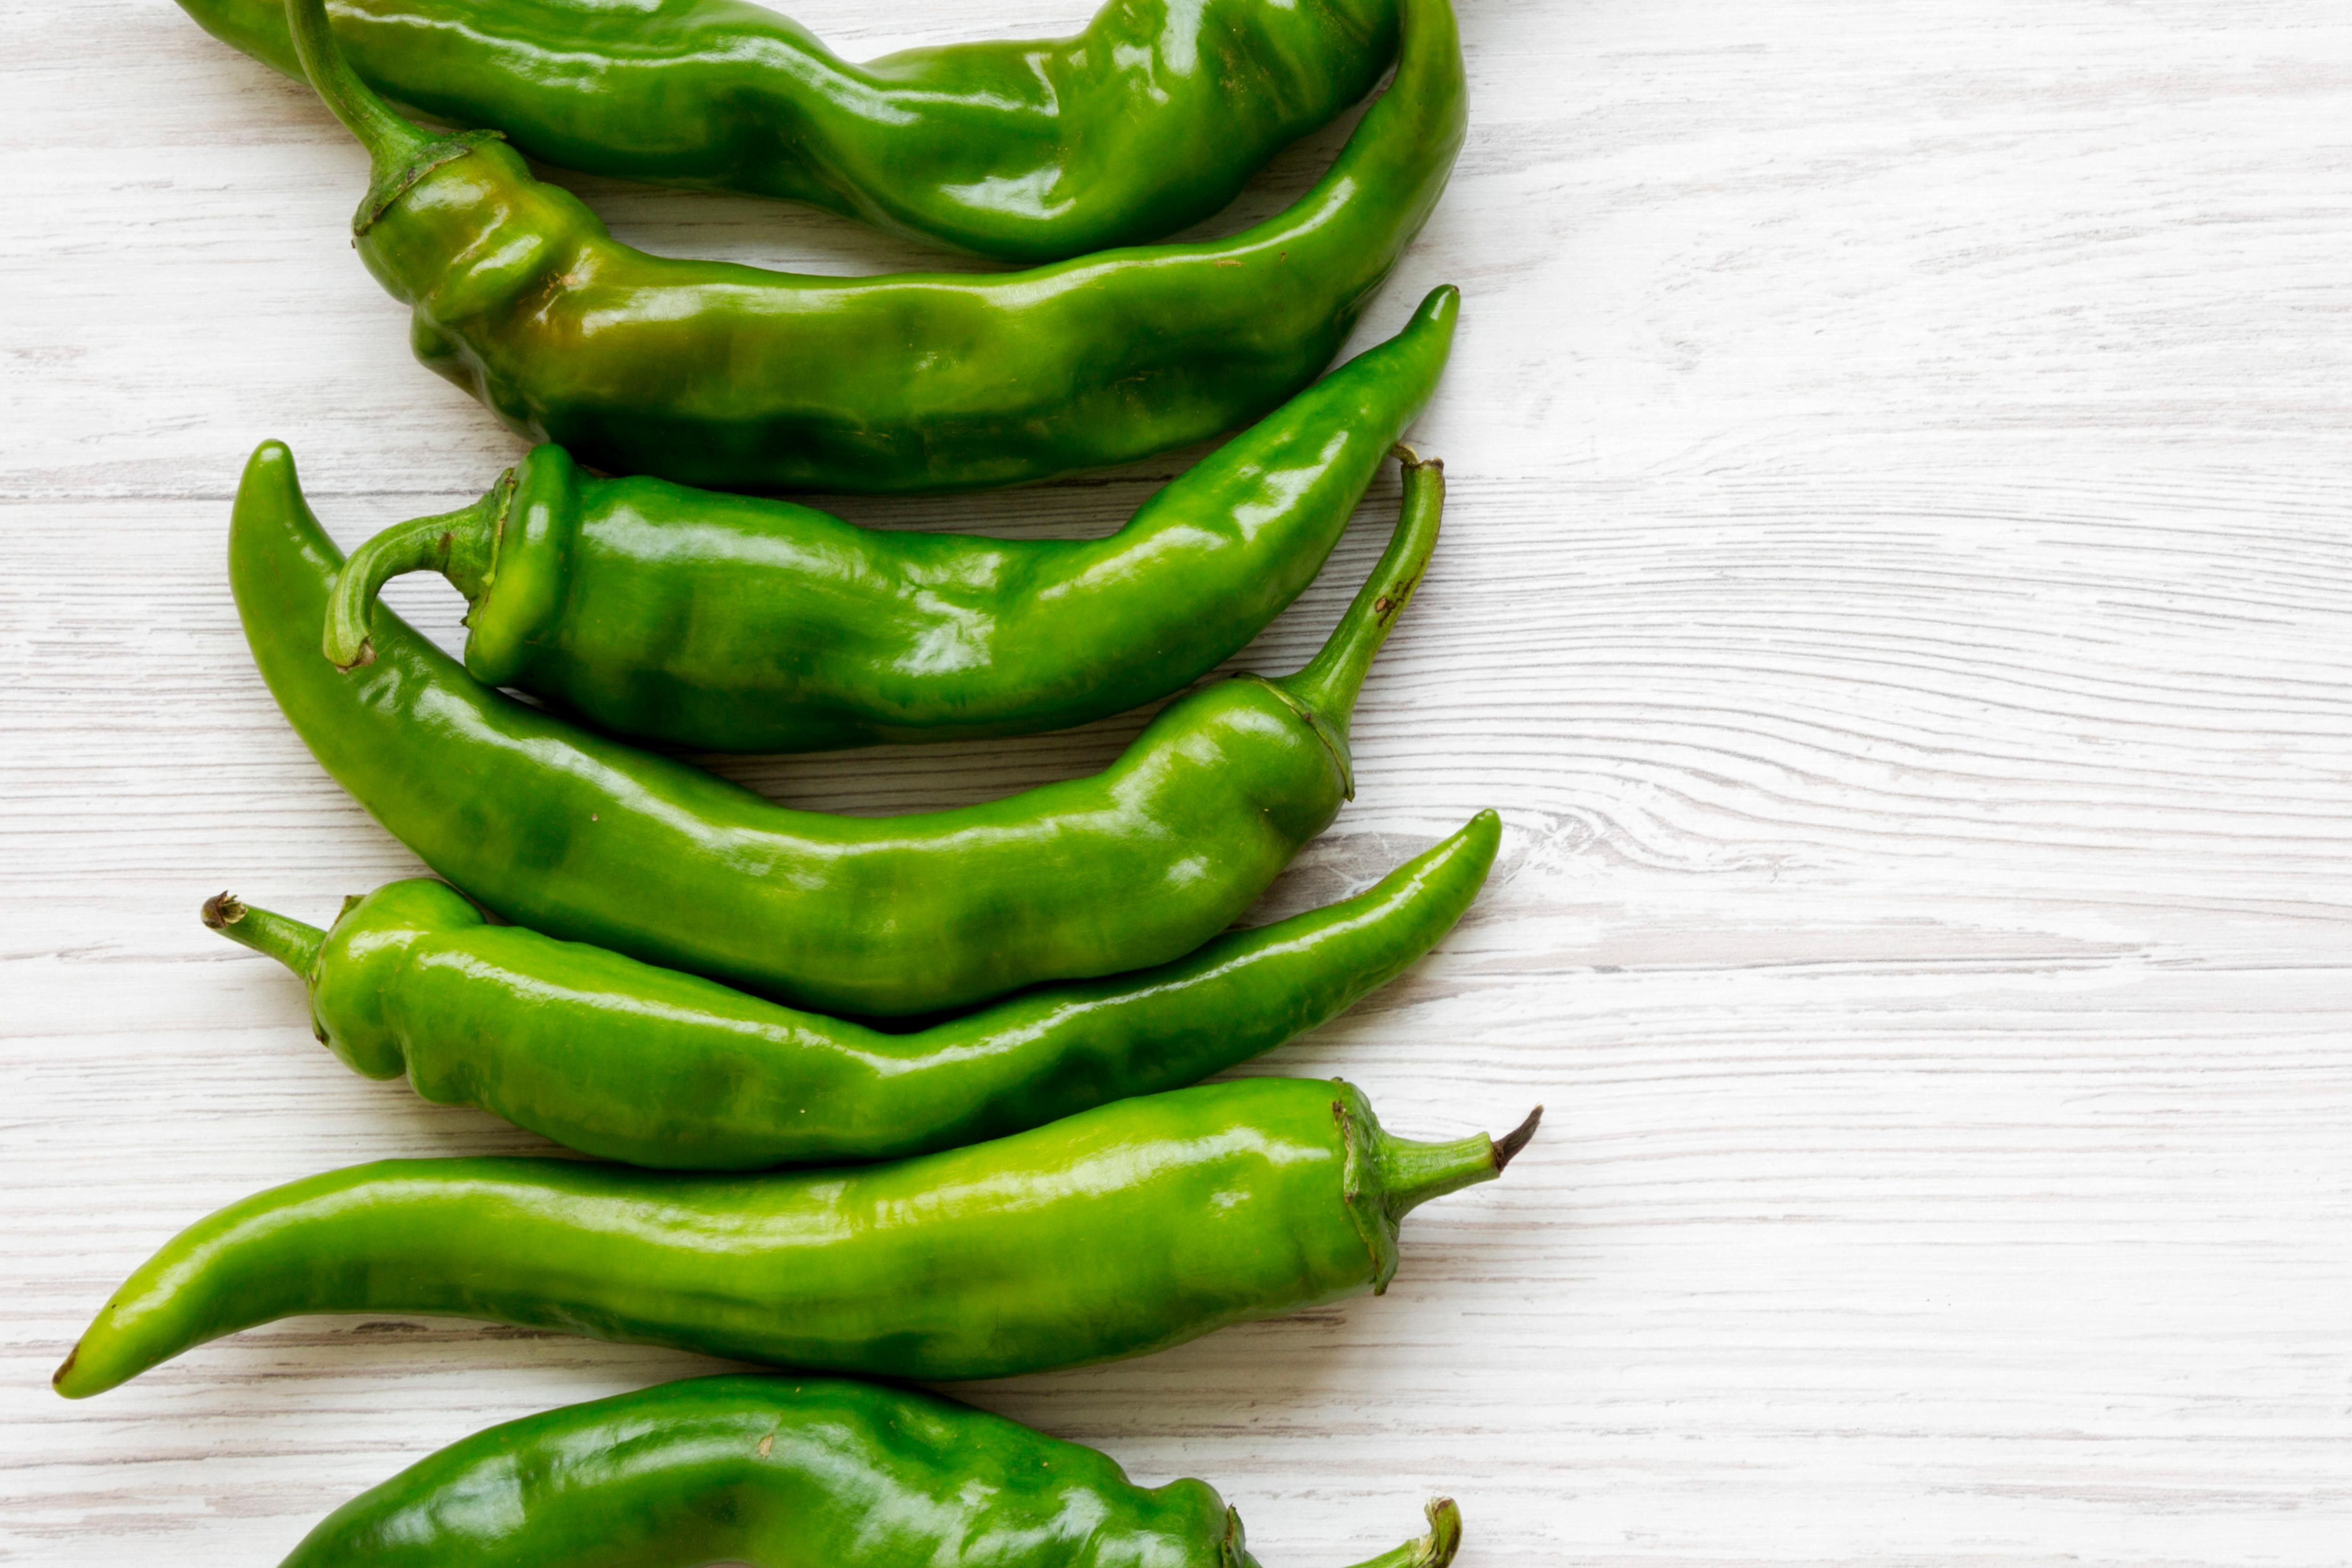 Colorado's Pueblo Green Chiles: One Hot Harvest